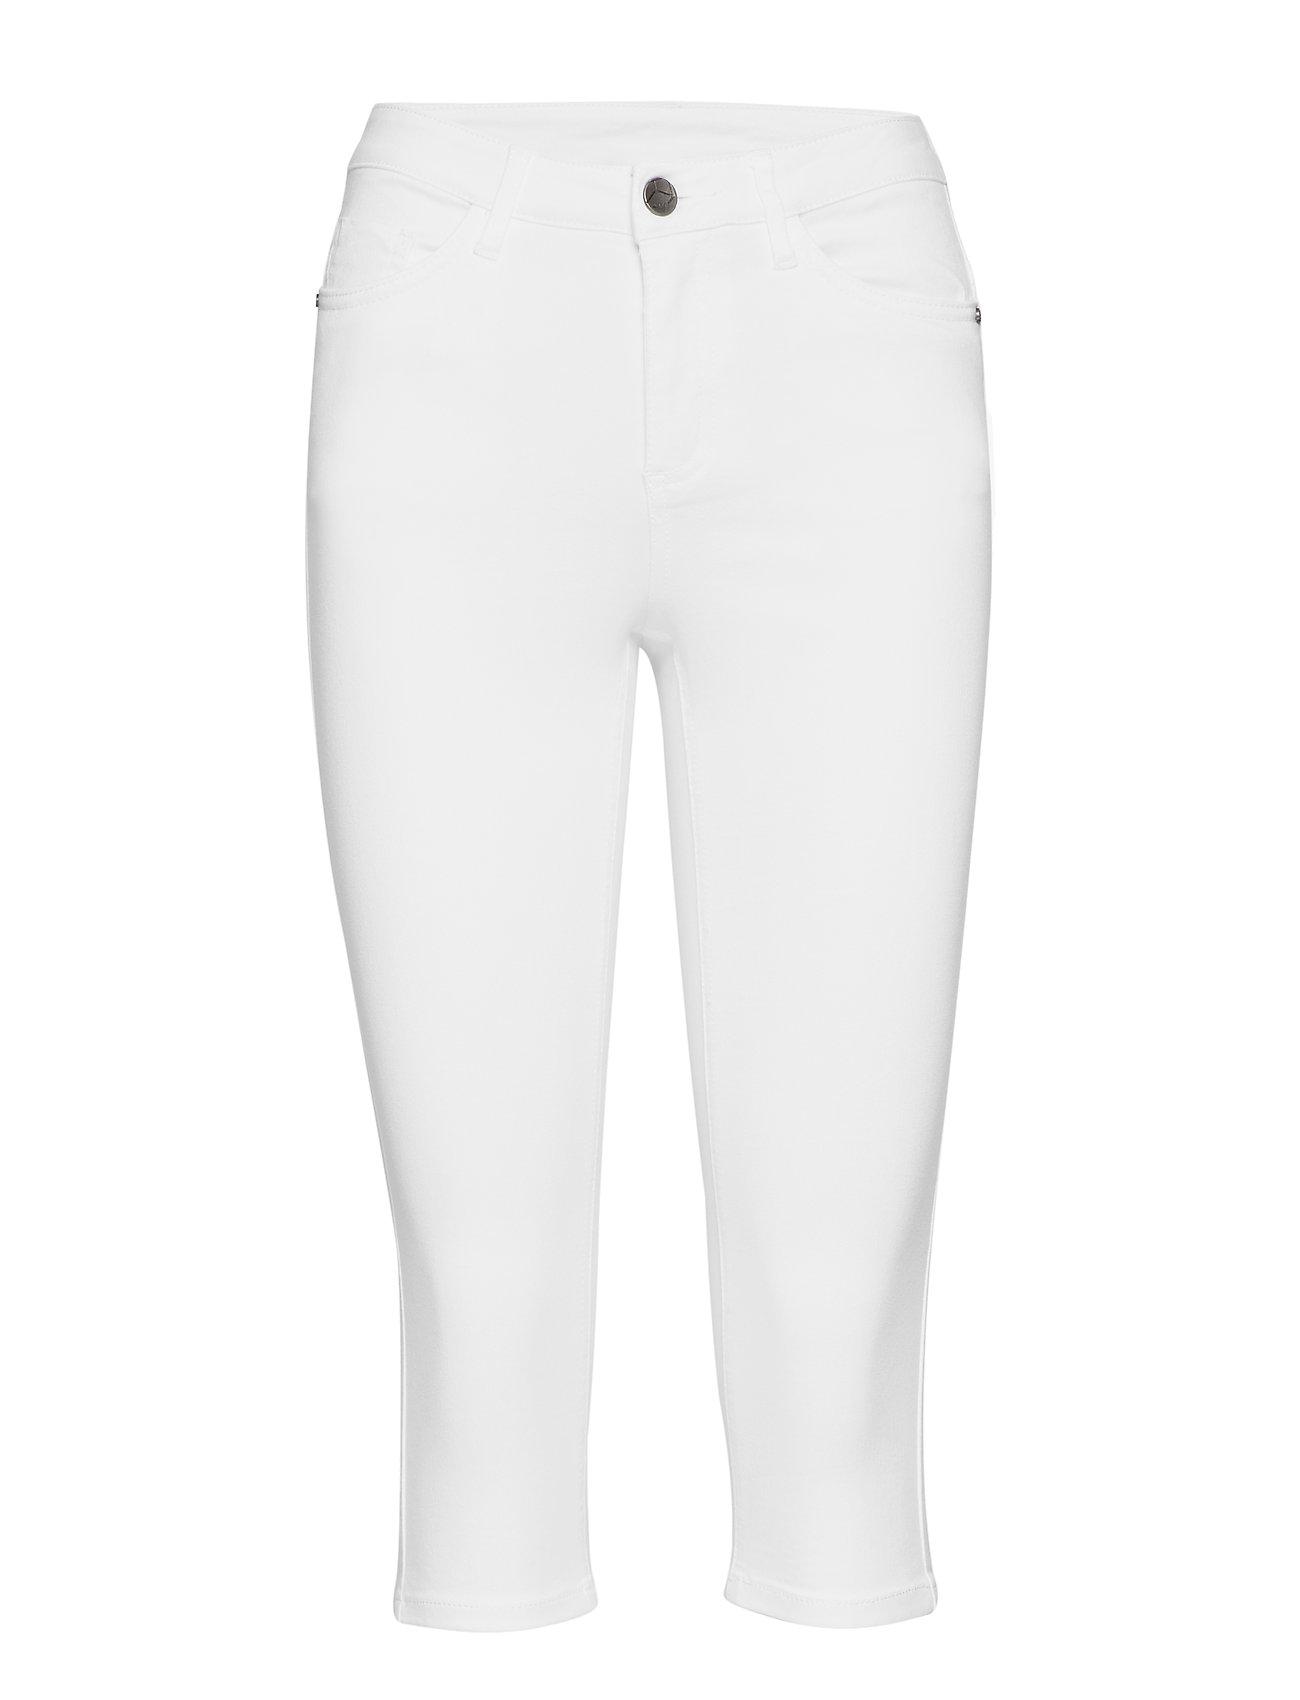 Kaffe Grace Capri Jeans- MIN 6 Pcs - OPTICAL WHITE